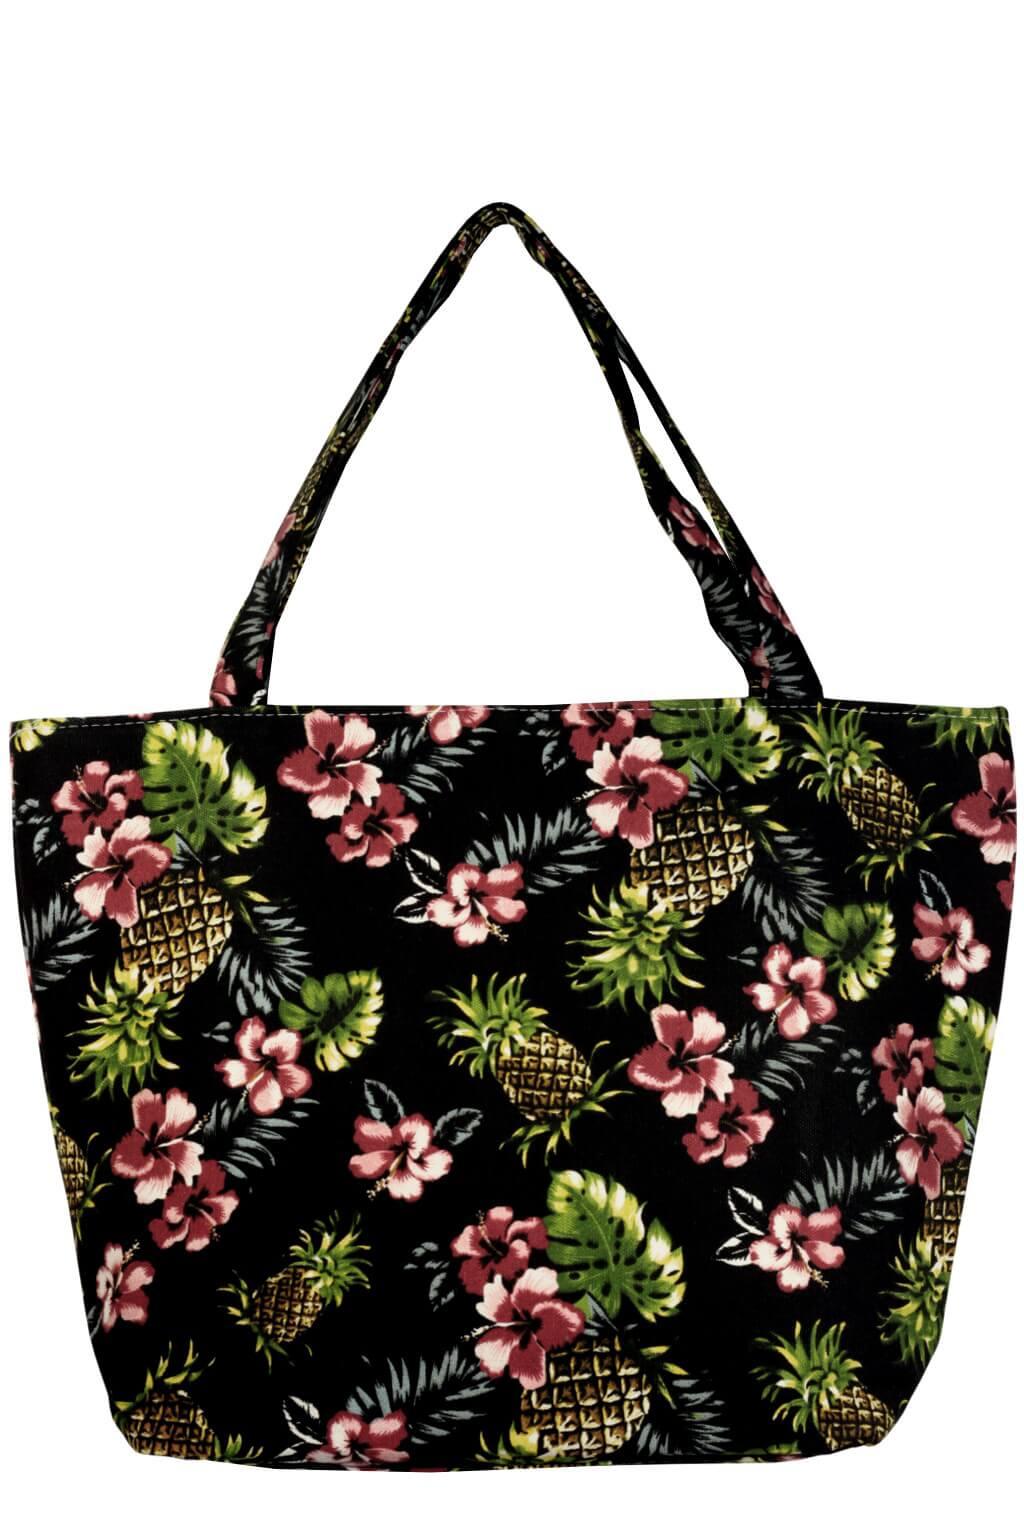 4ac88111f7 Cica plážová taška s ananasy černá